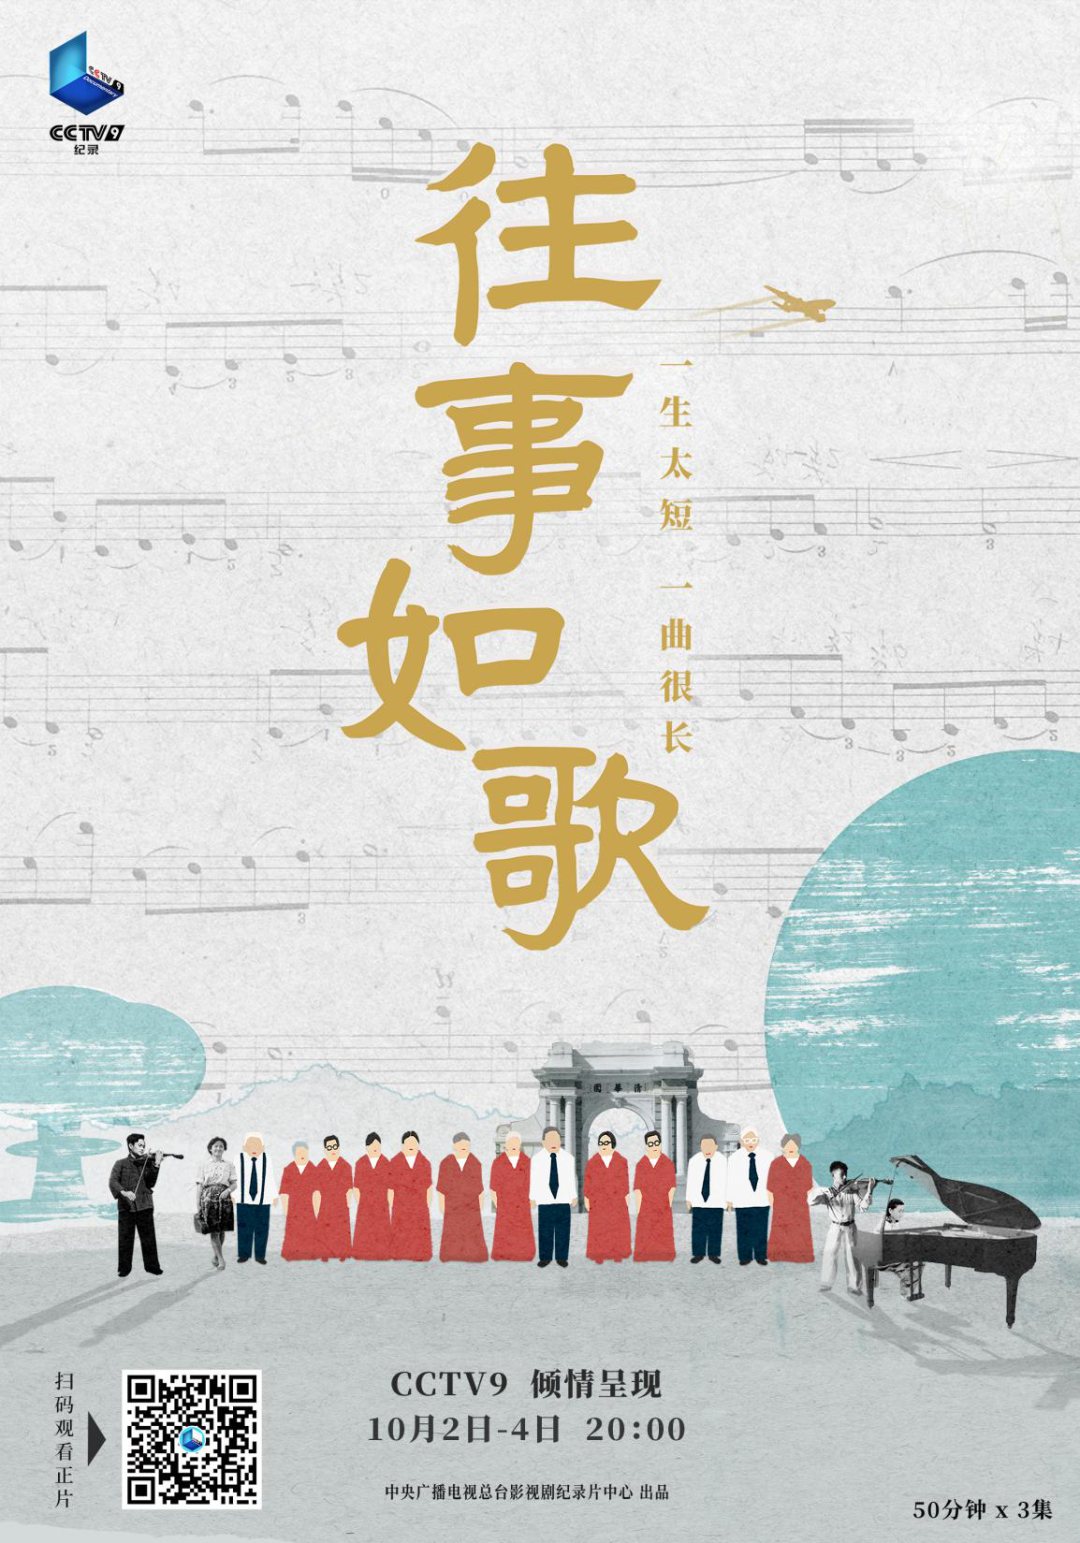 清华老校友合唱团:金曲深情寄,银发赤子心图片